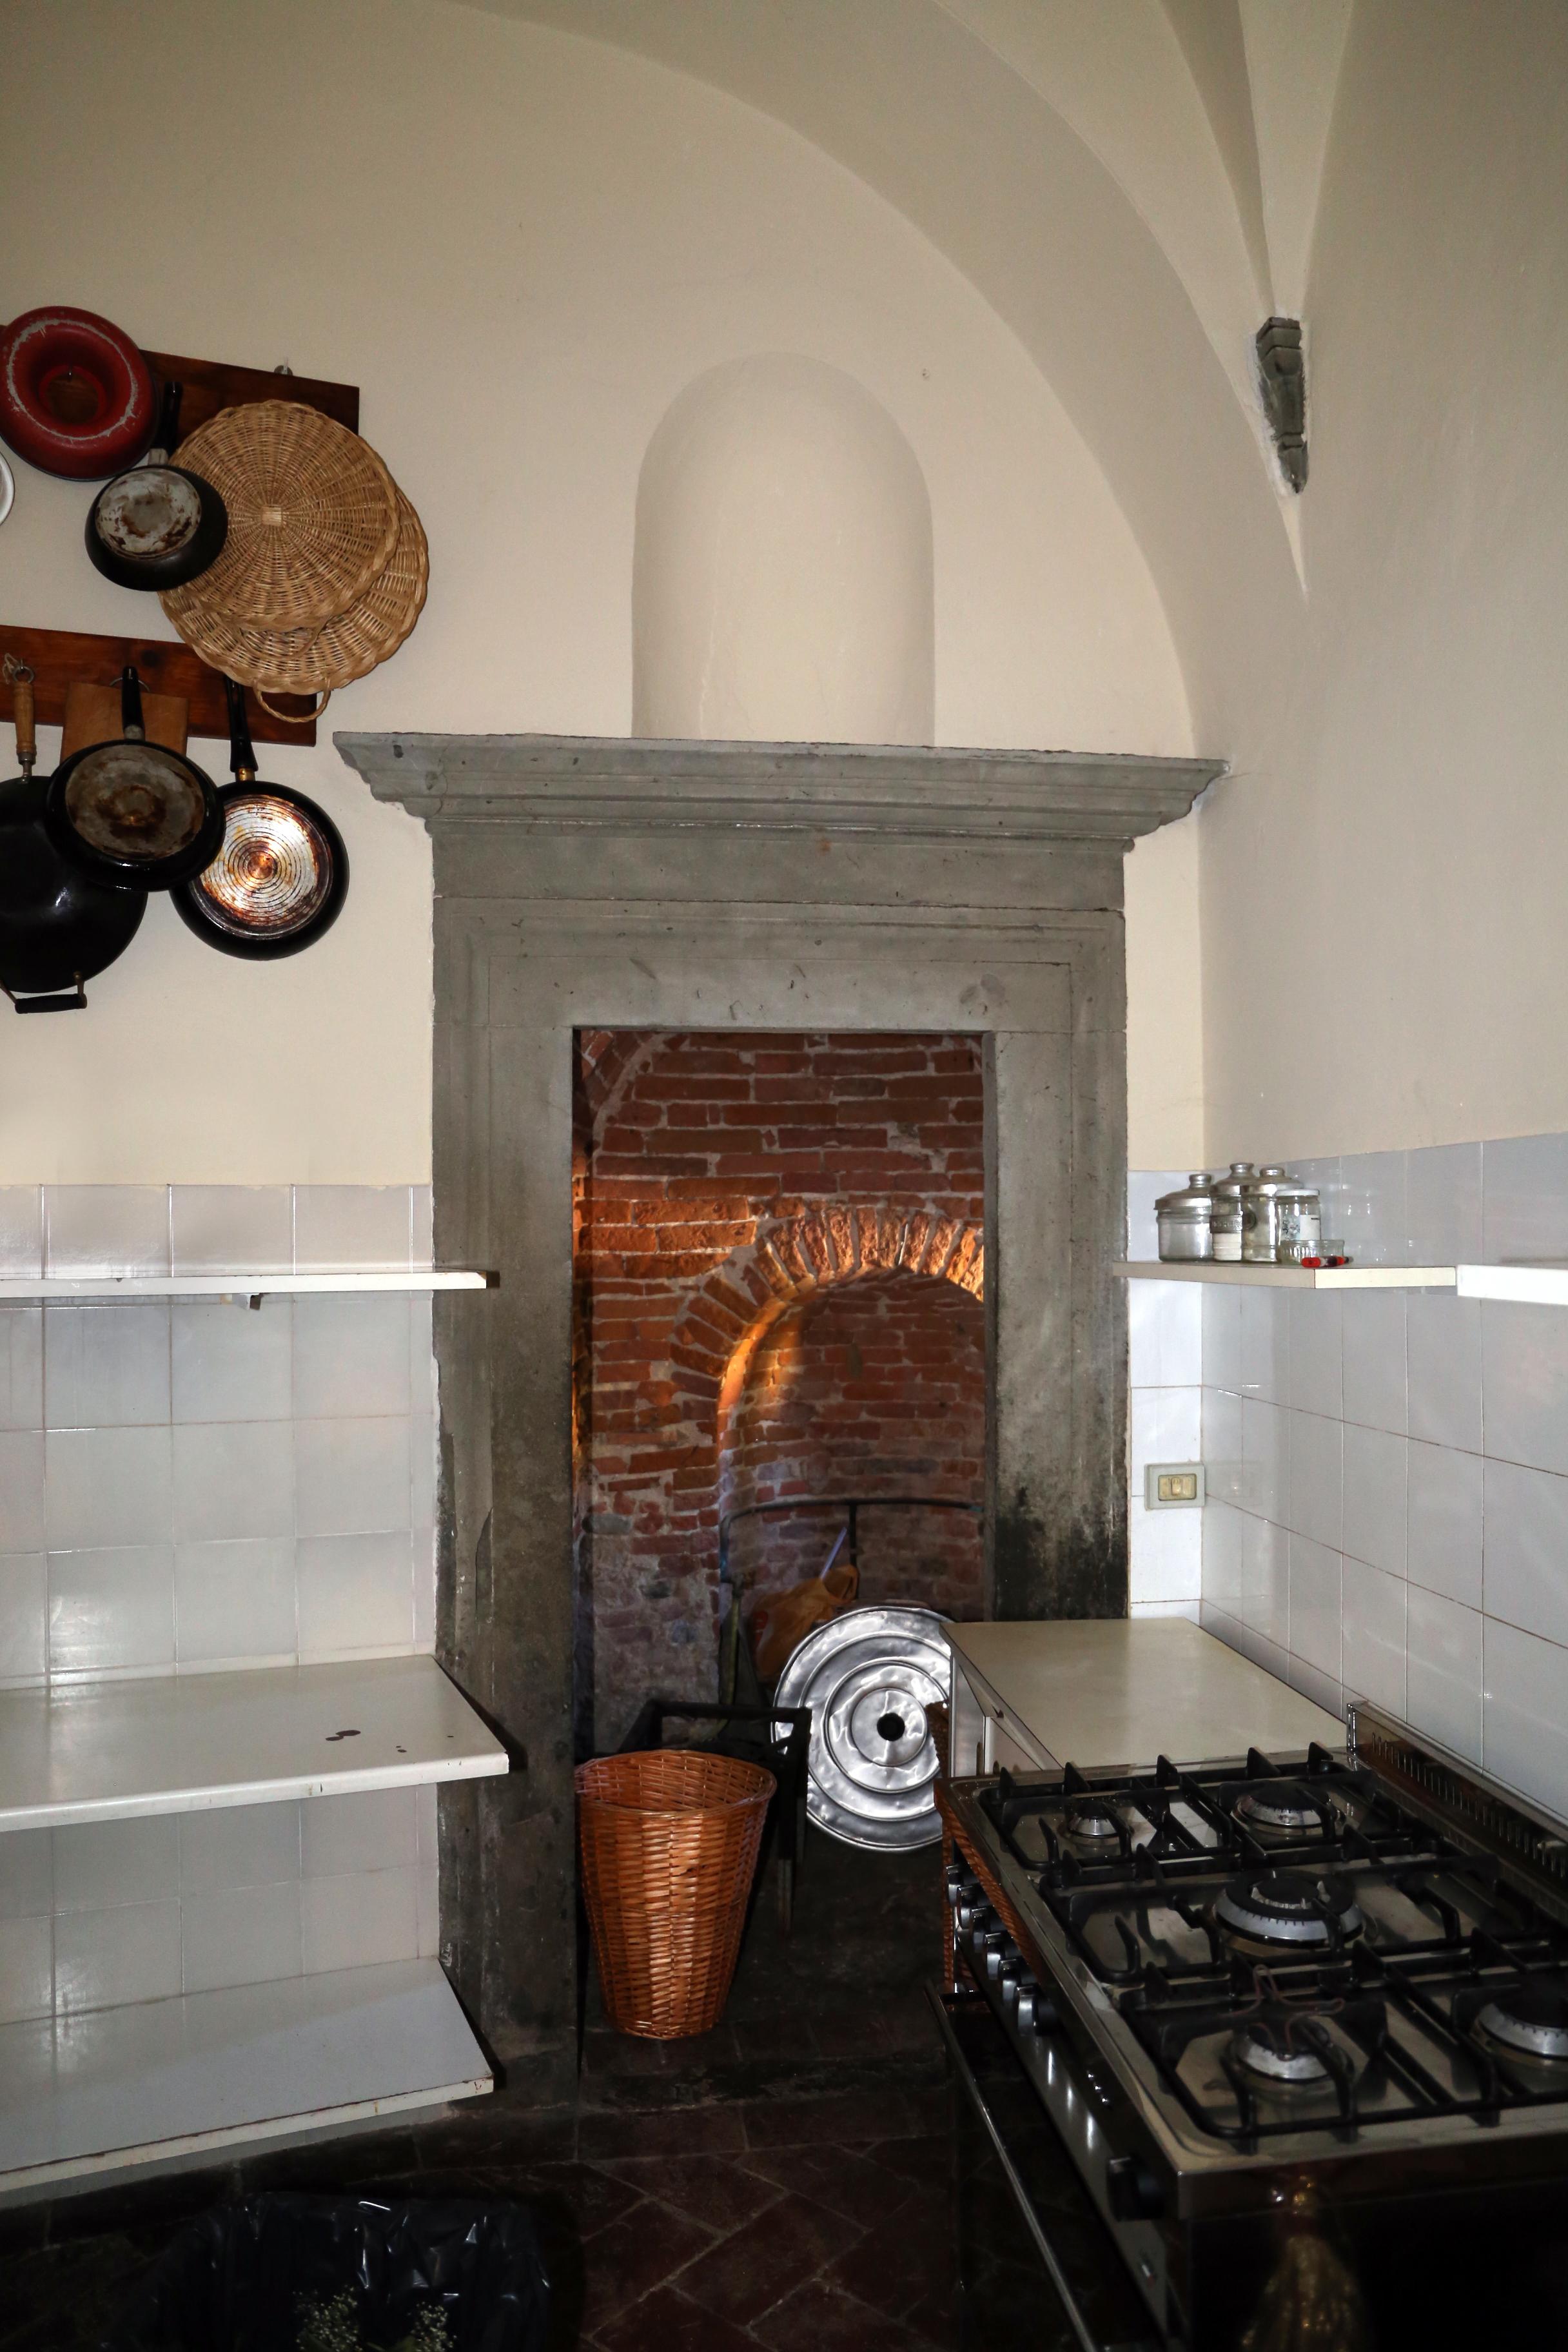 File:Villa rita di noce, antiche cucine 02.jpg - Wikimedia Commons